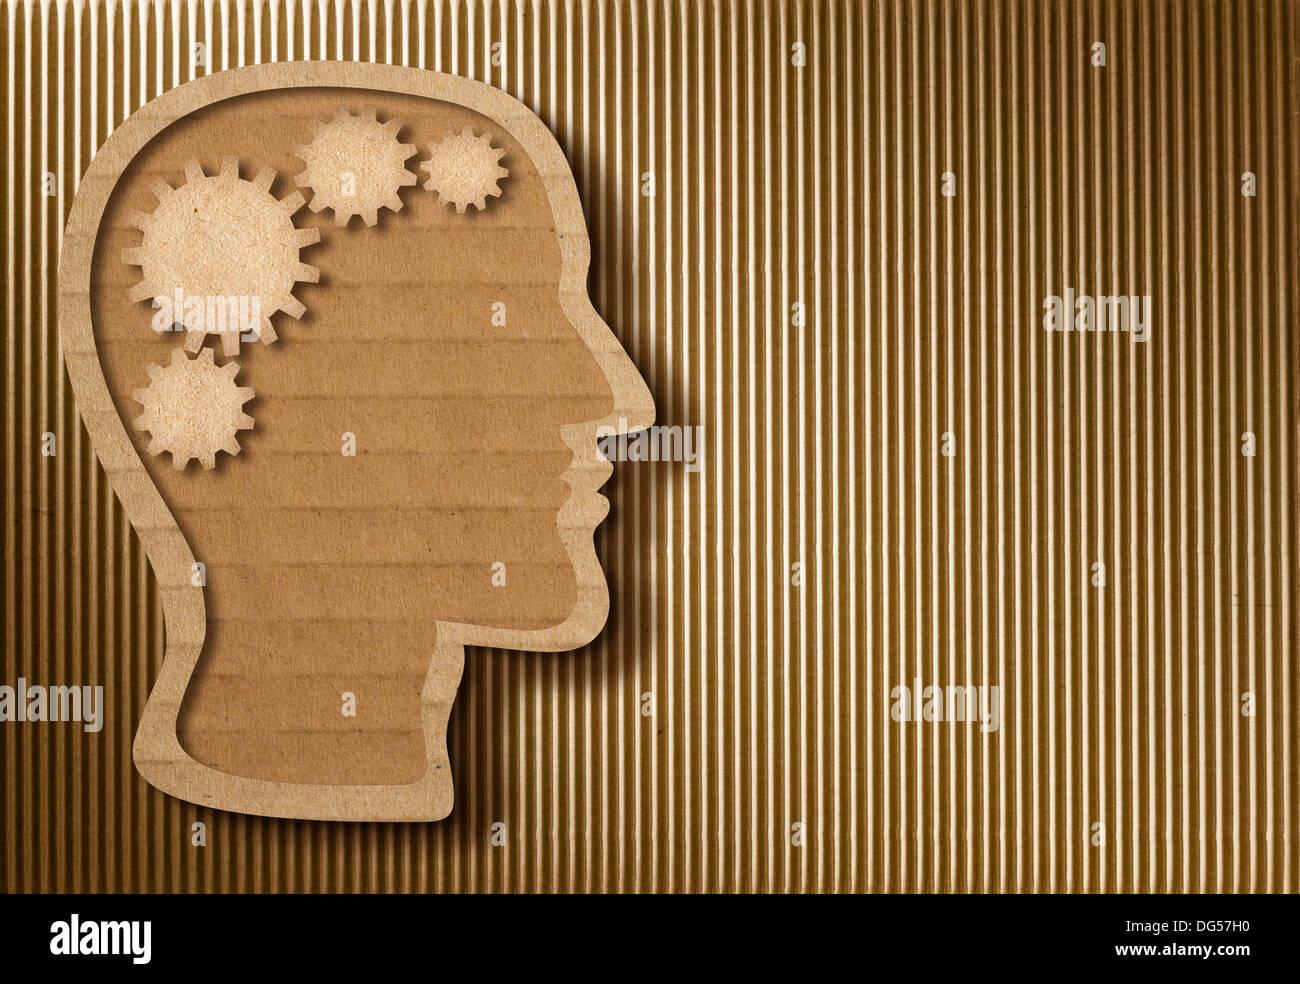 Modelo de cabeza humana hecha de cartón Imagen De Stock